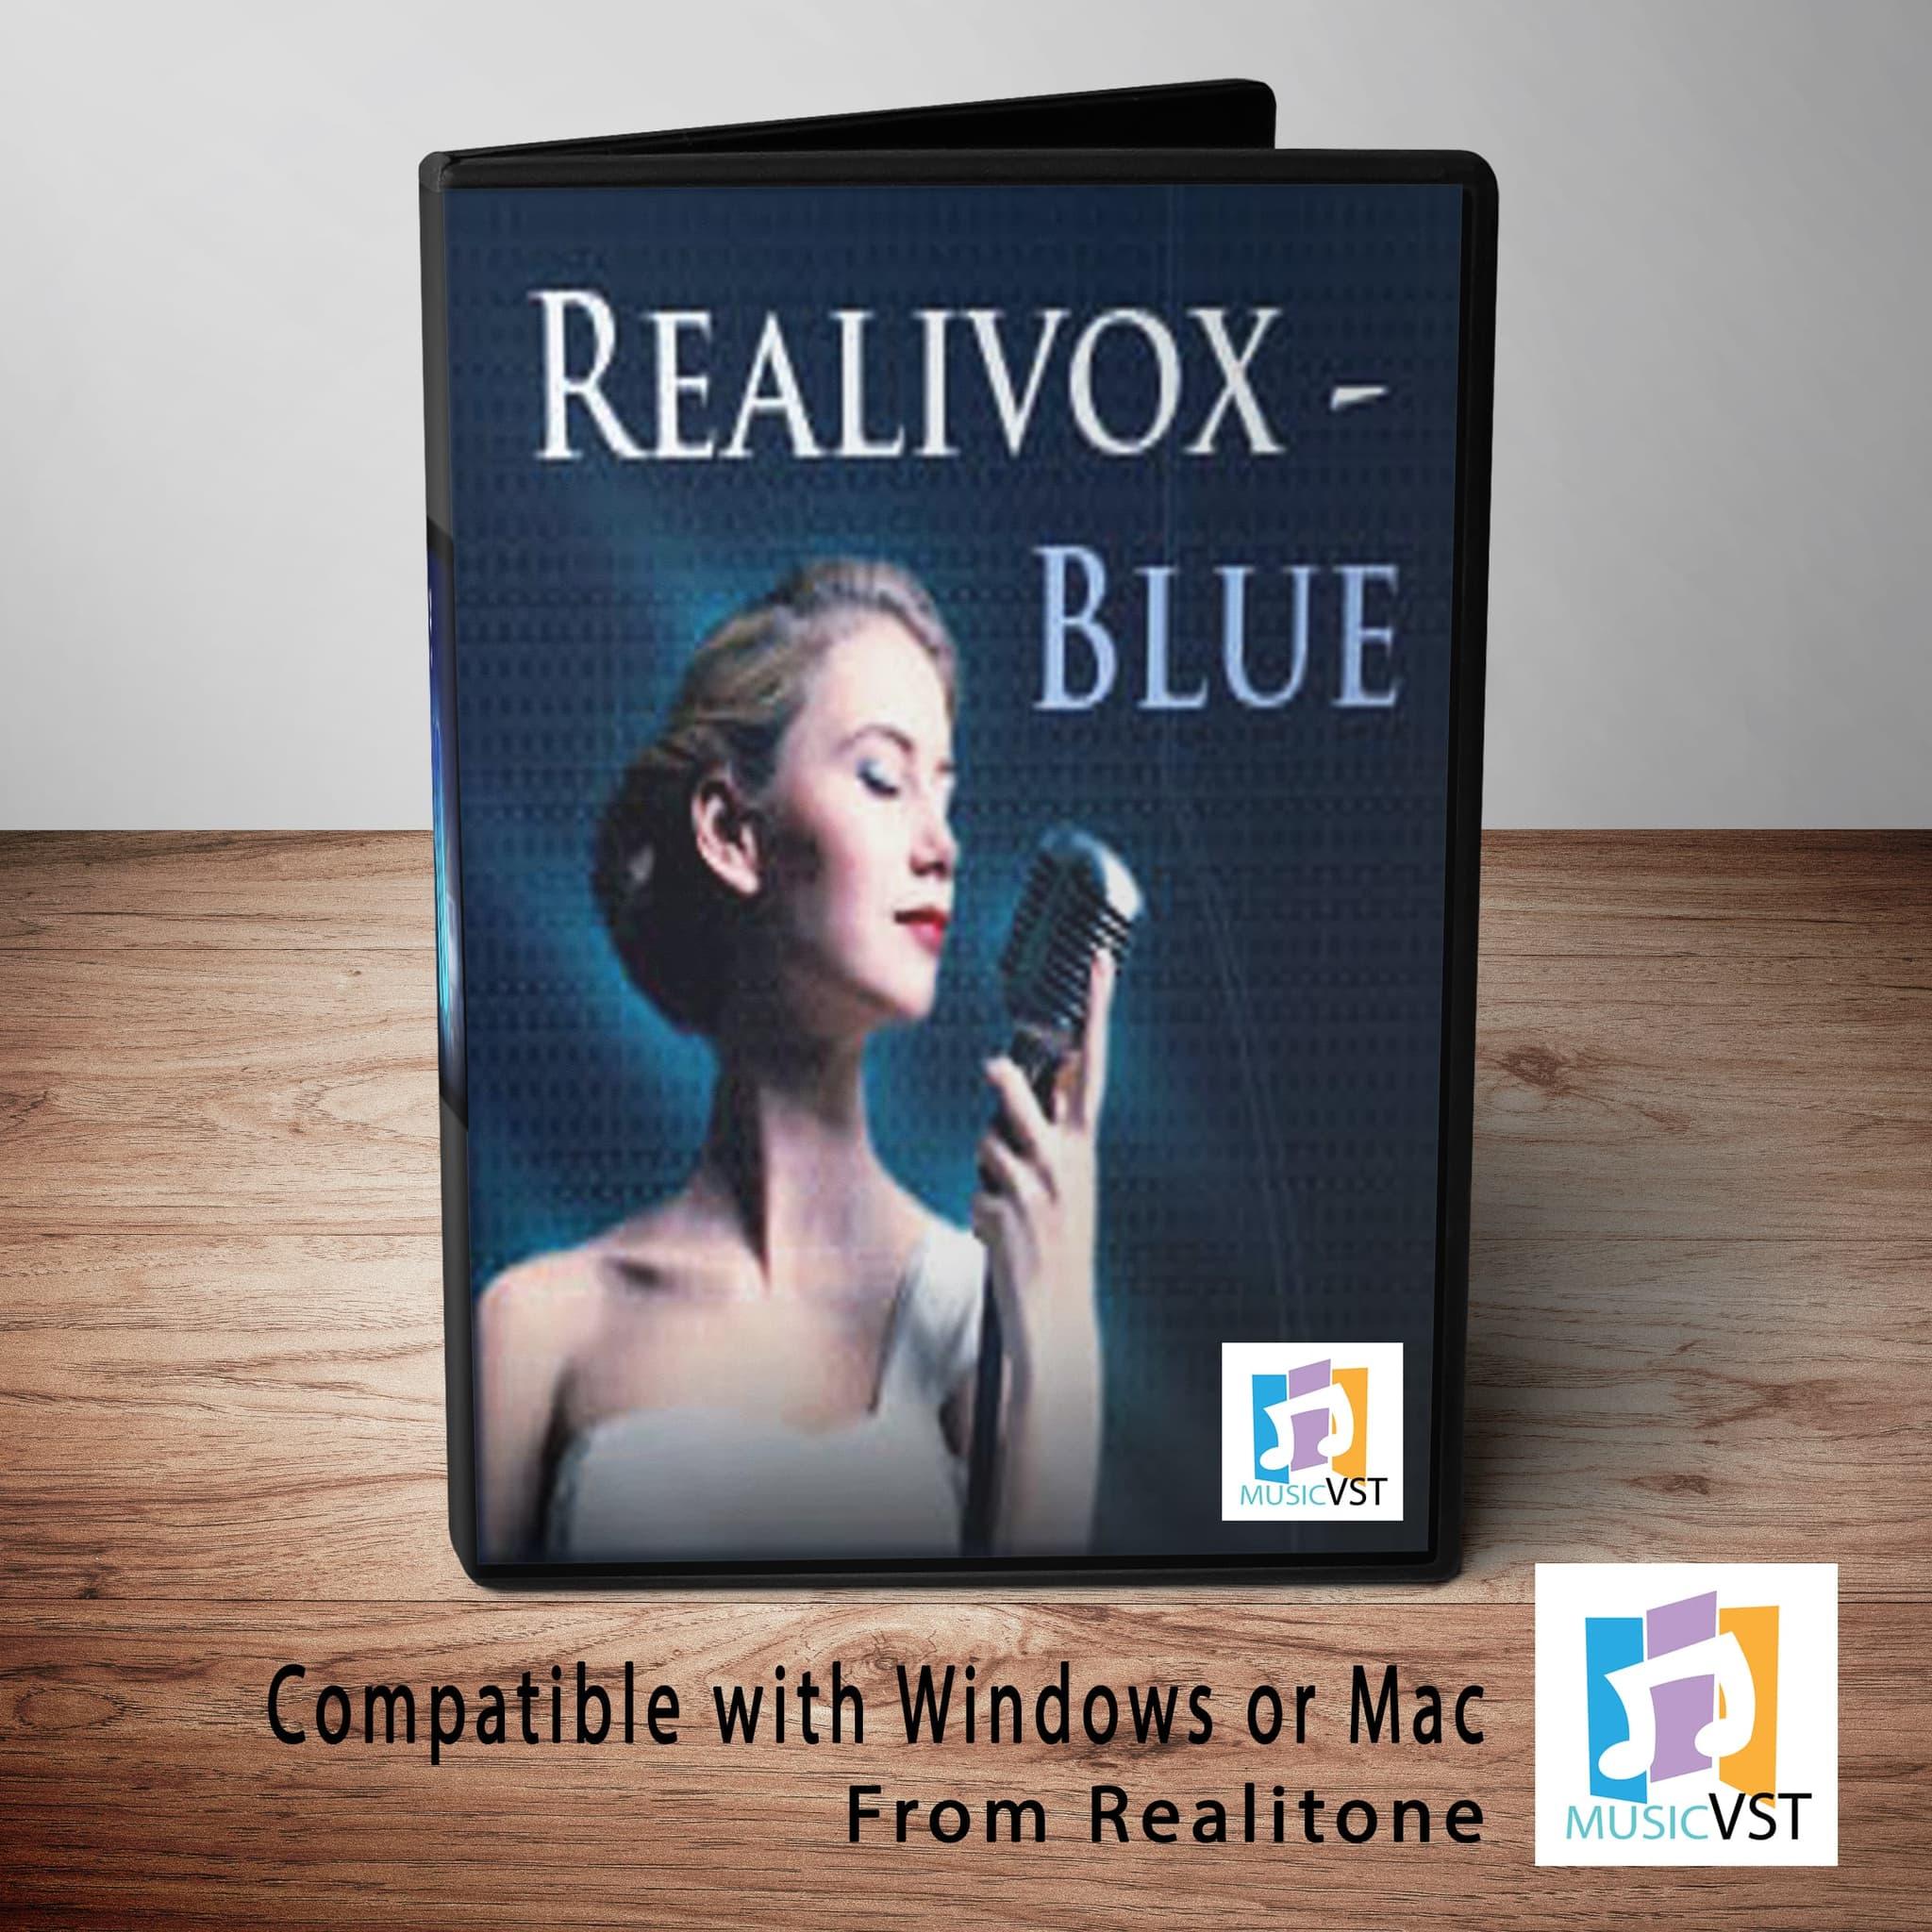 Jual VST Realivox Blue - MUSIC VST | Tokopedia